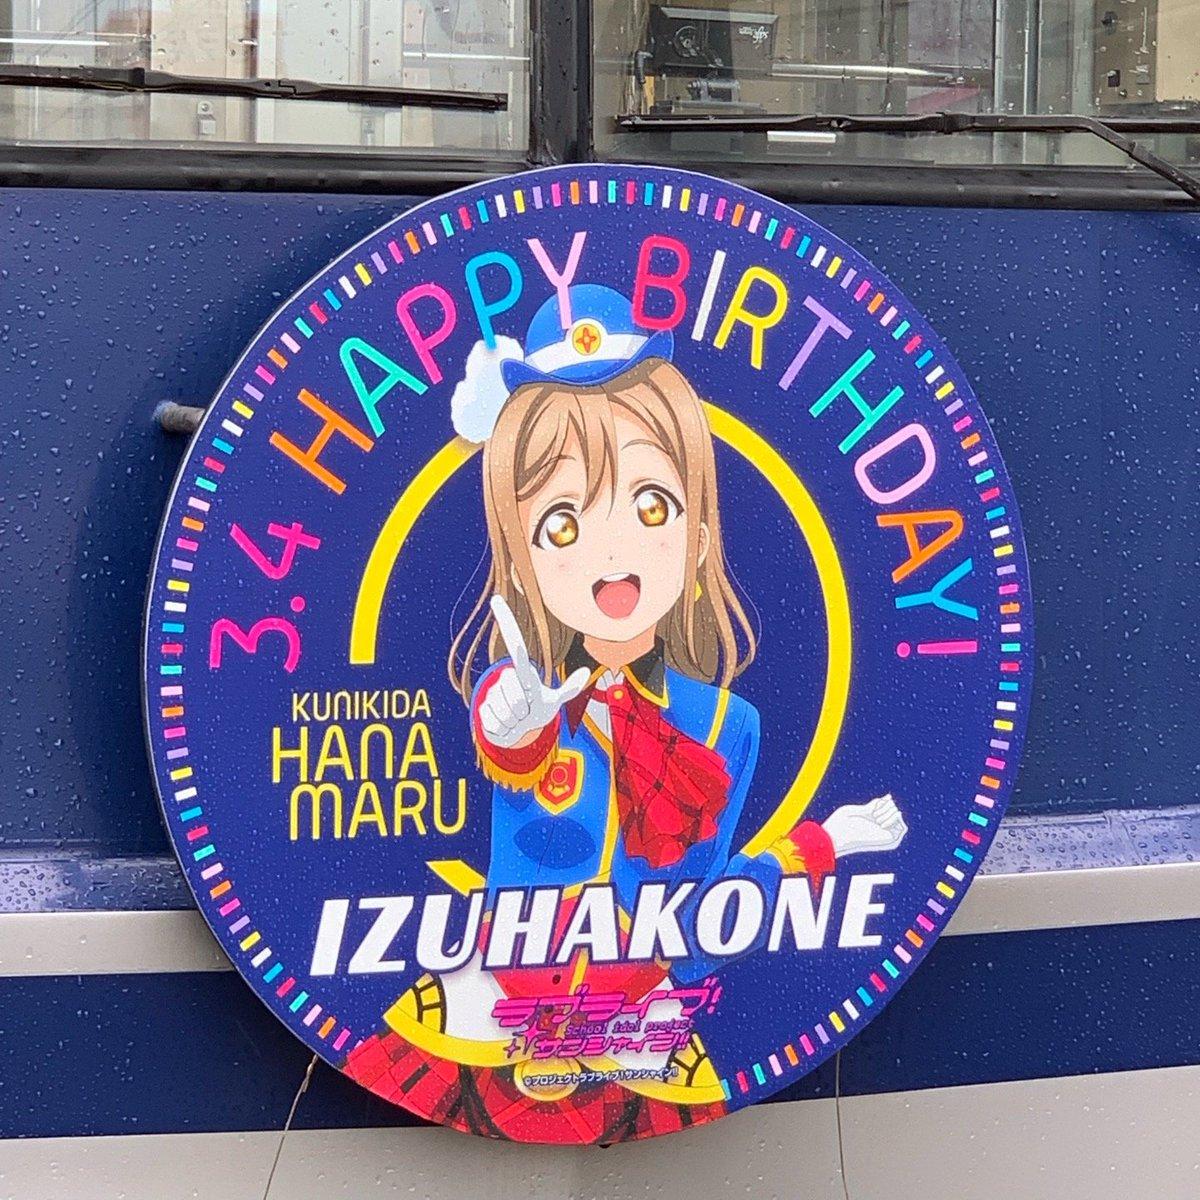 伊豆箱根鉄道 三島駅 HAPPY PARTY TRAIN号(国木田花丸ヘッドマーク)